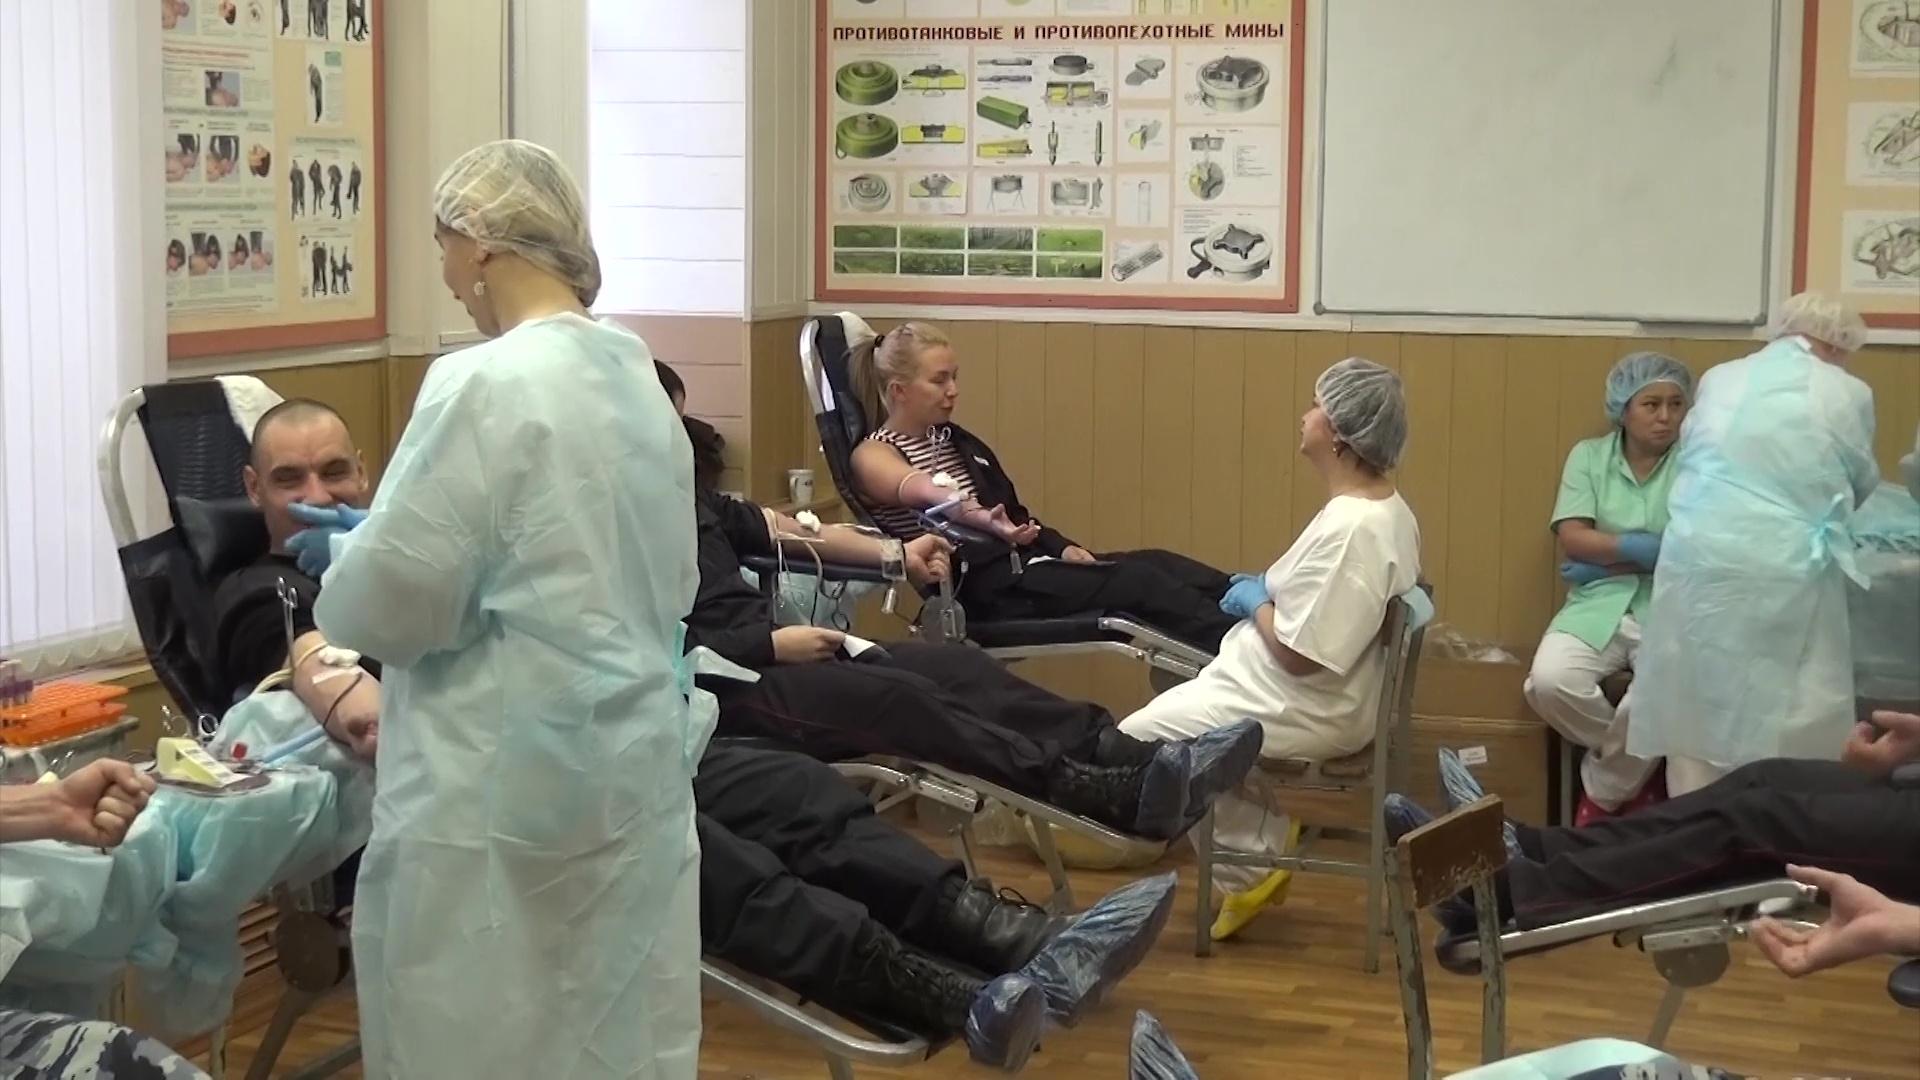 Сотрудники Росгвардии сдали 20 литров донорской крови